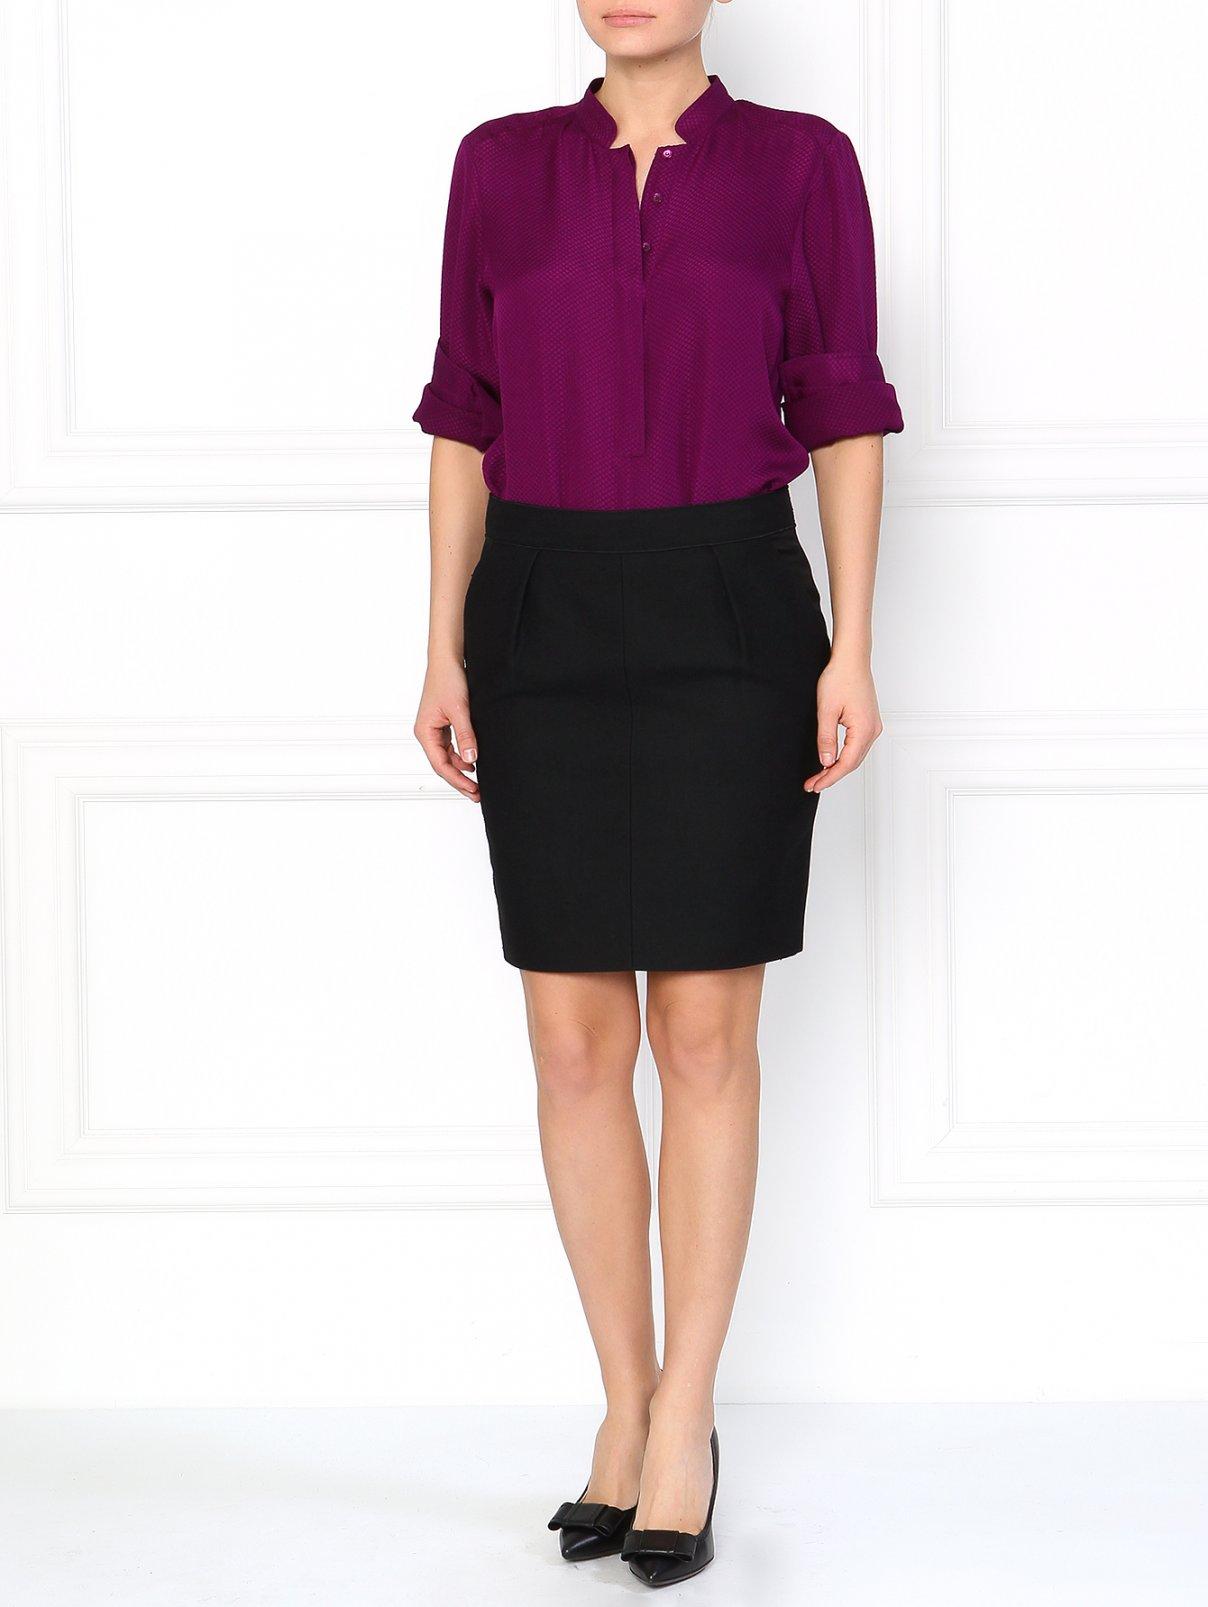 Укороченная юбка-карандаш с боковыми карманами ICEBERG  –  Модель Общий вид